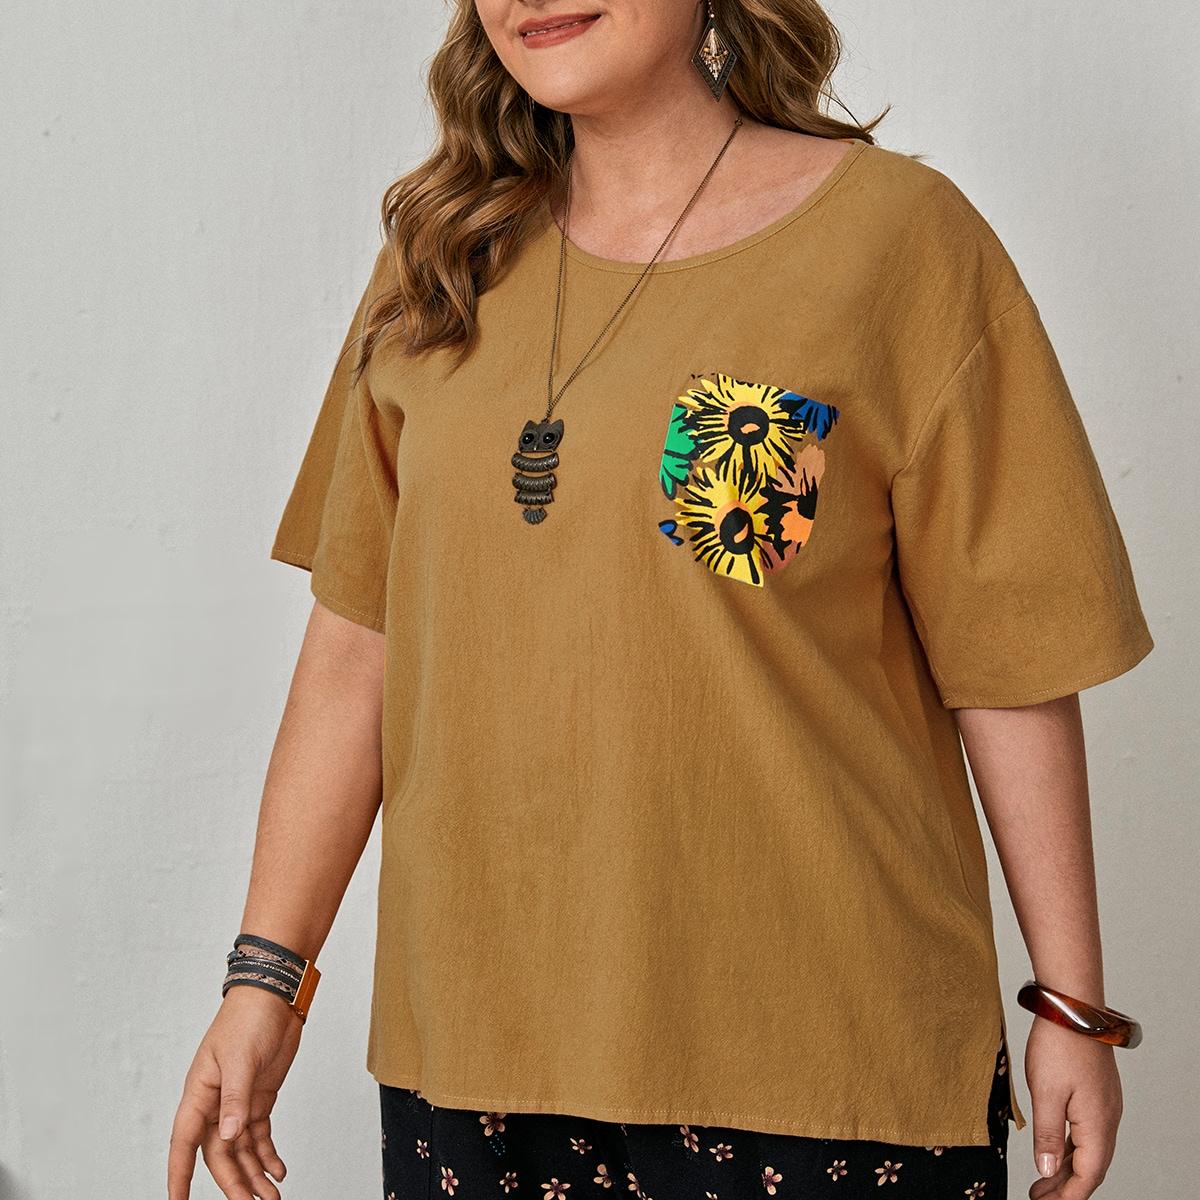 Блузка размера плюс с разрезом и цветочным принтом по цене 530